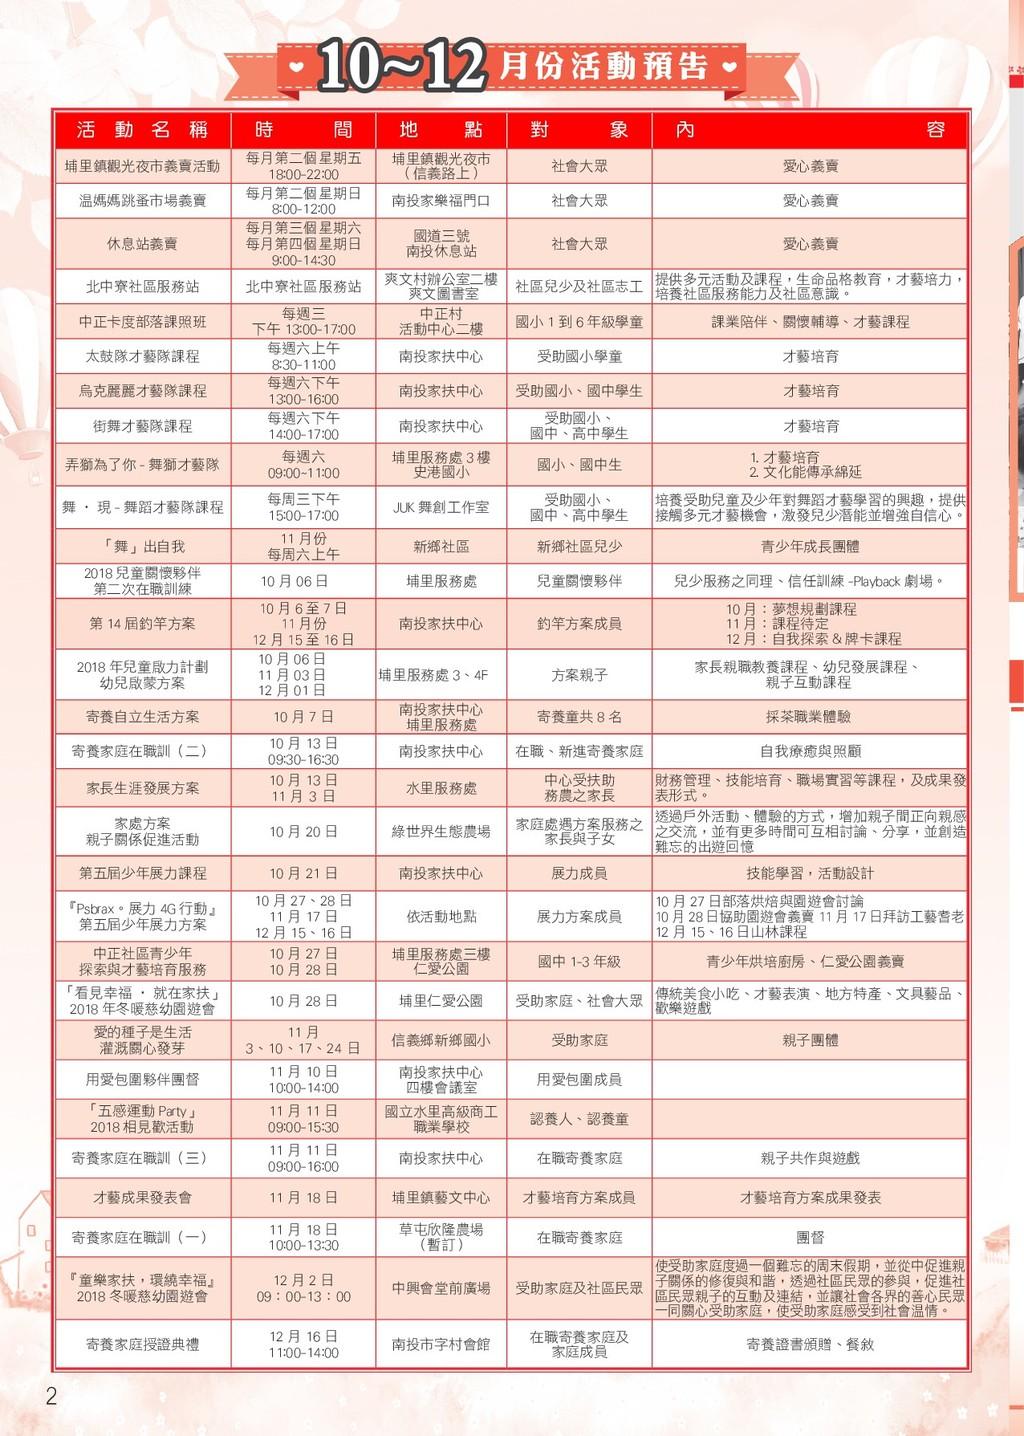 季 刊 2 10~12 月 份 活 動 預 告 活 動 名 稱 時 間 地 點 對 象 內 容...